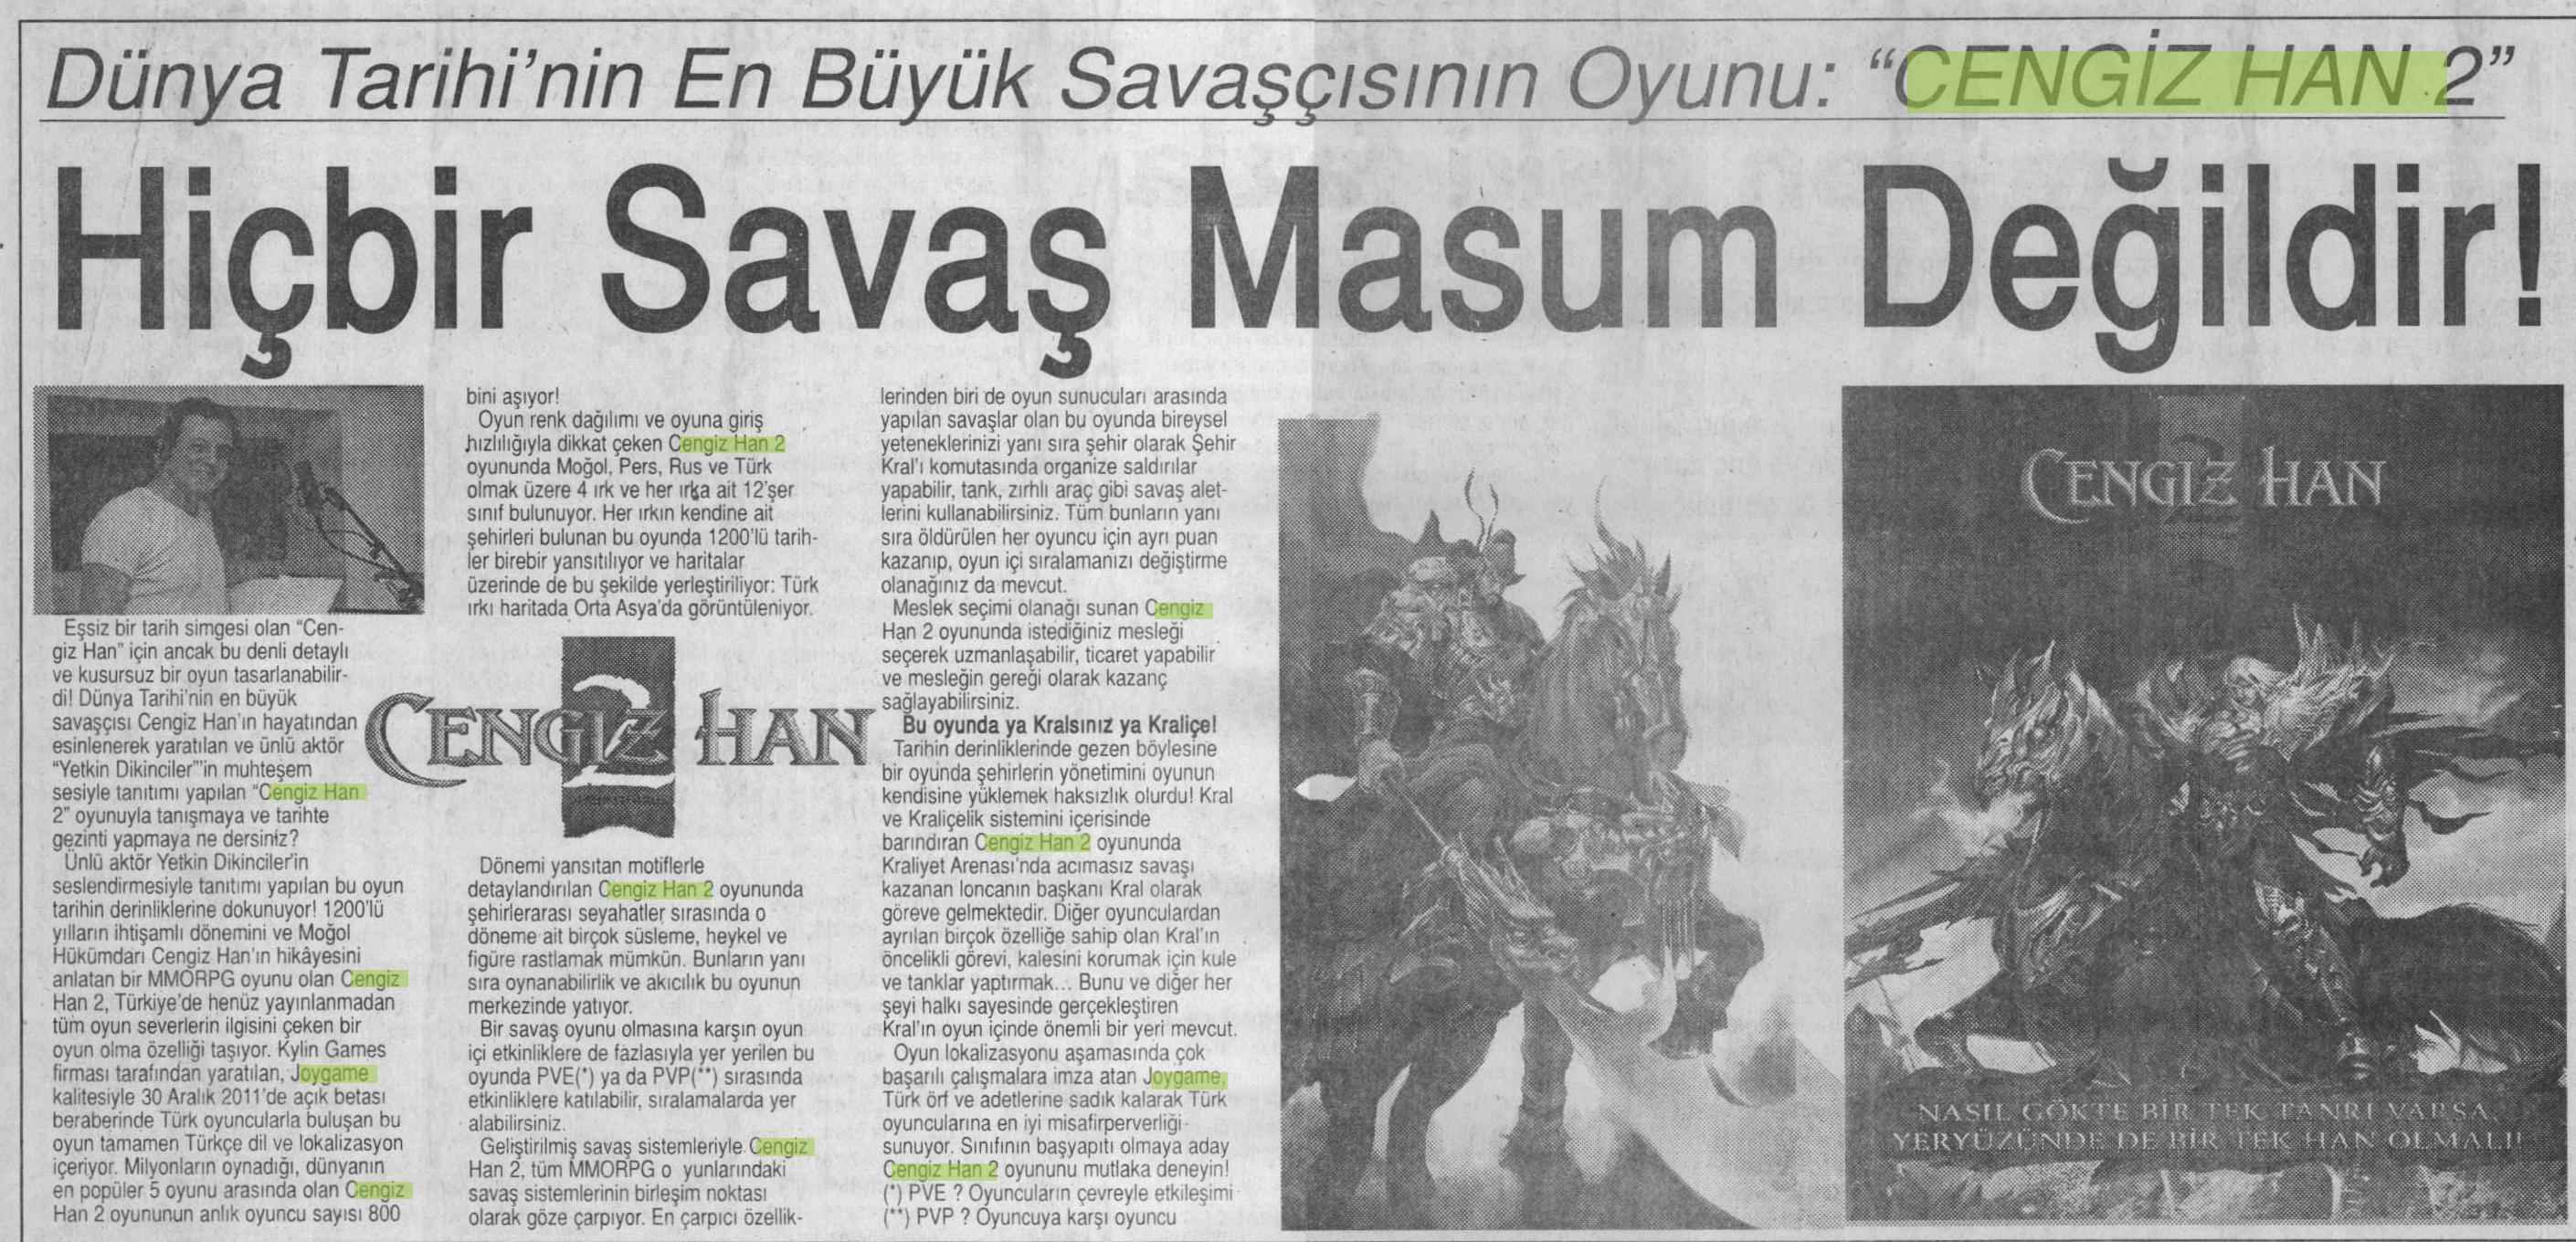 Netmarble-Turkey-Basin-Yansimasi-Son-Saat-Gazetesi-25-Aralik-2011-2